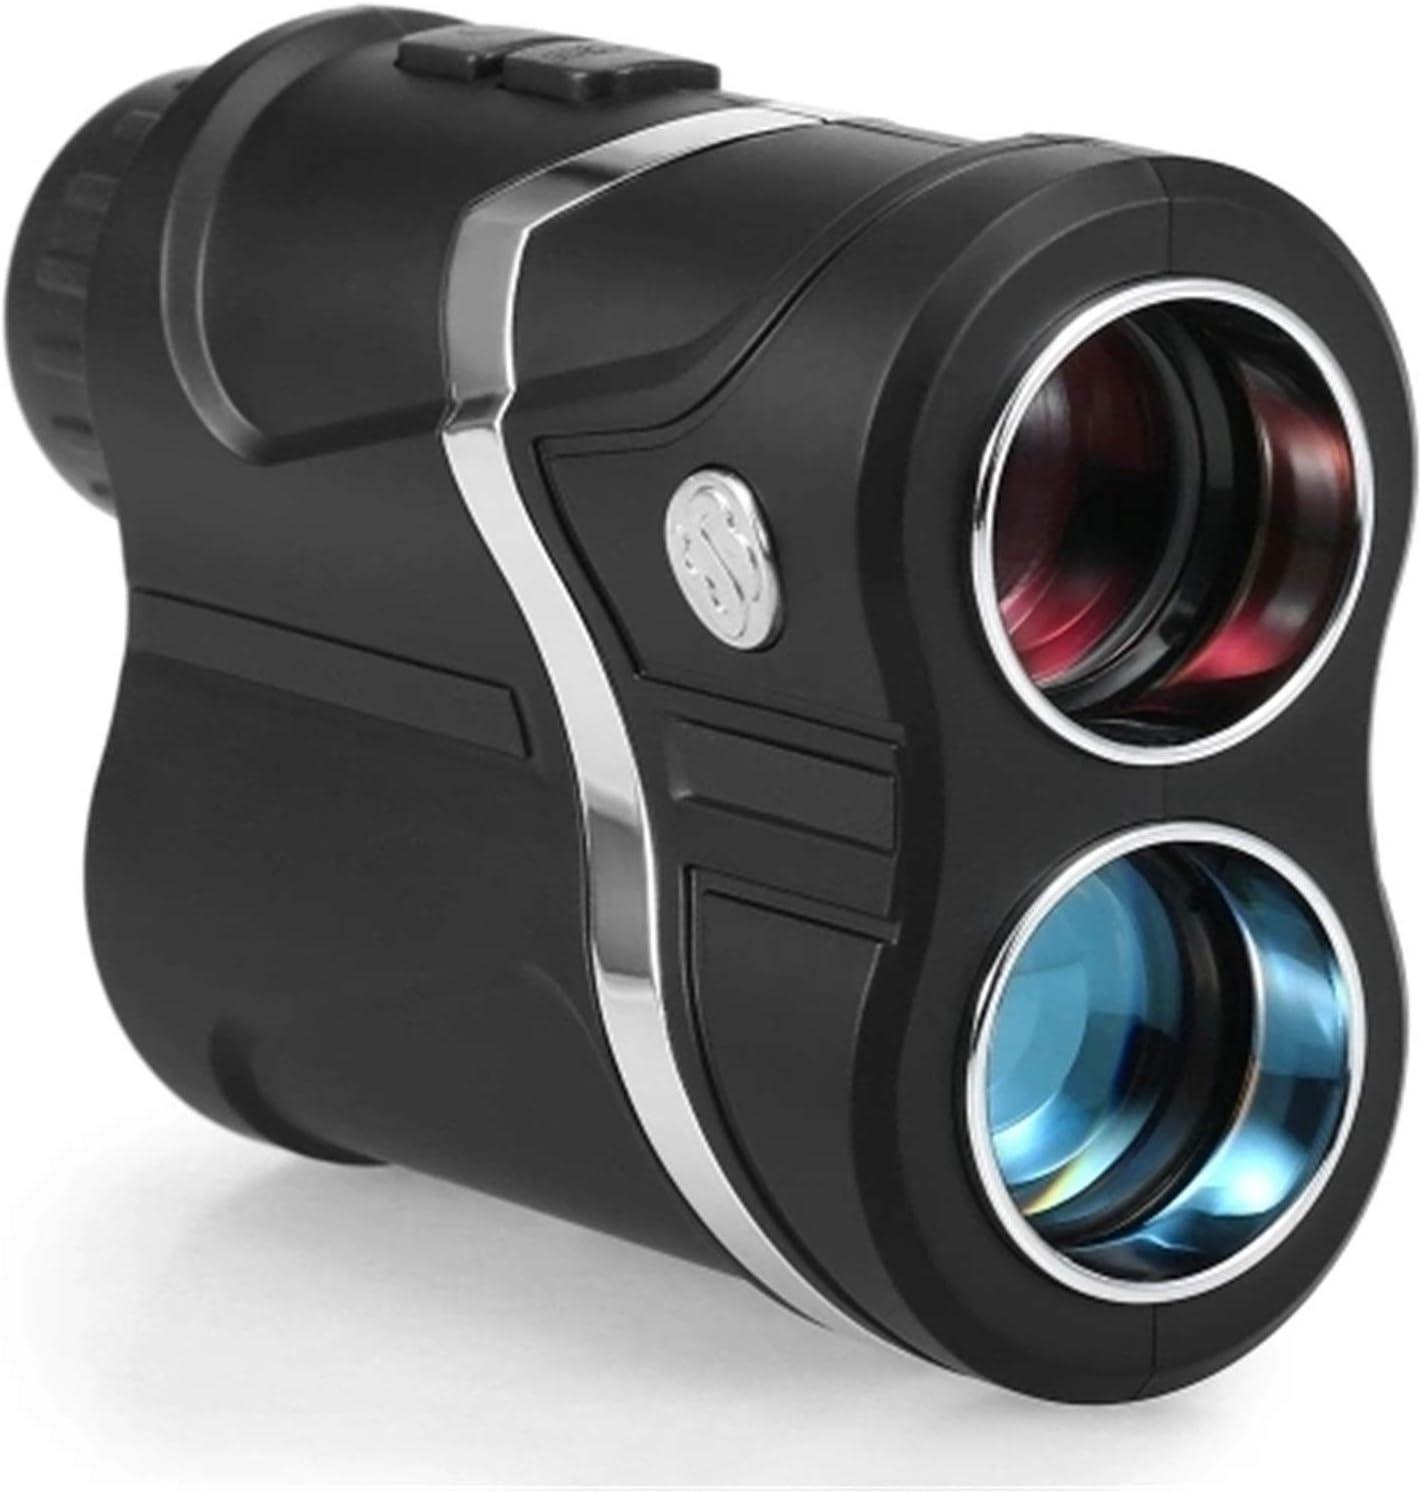 yaunli Telémetro de Golf Manténgase de Gama de Golf Recargable USB Resistente al Agua 7X Telémetro de Golf Impermeable (Color : Black, Size : One Size)